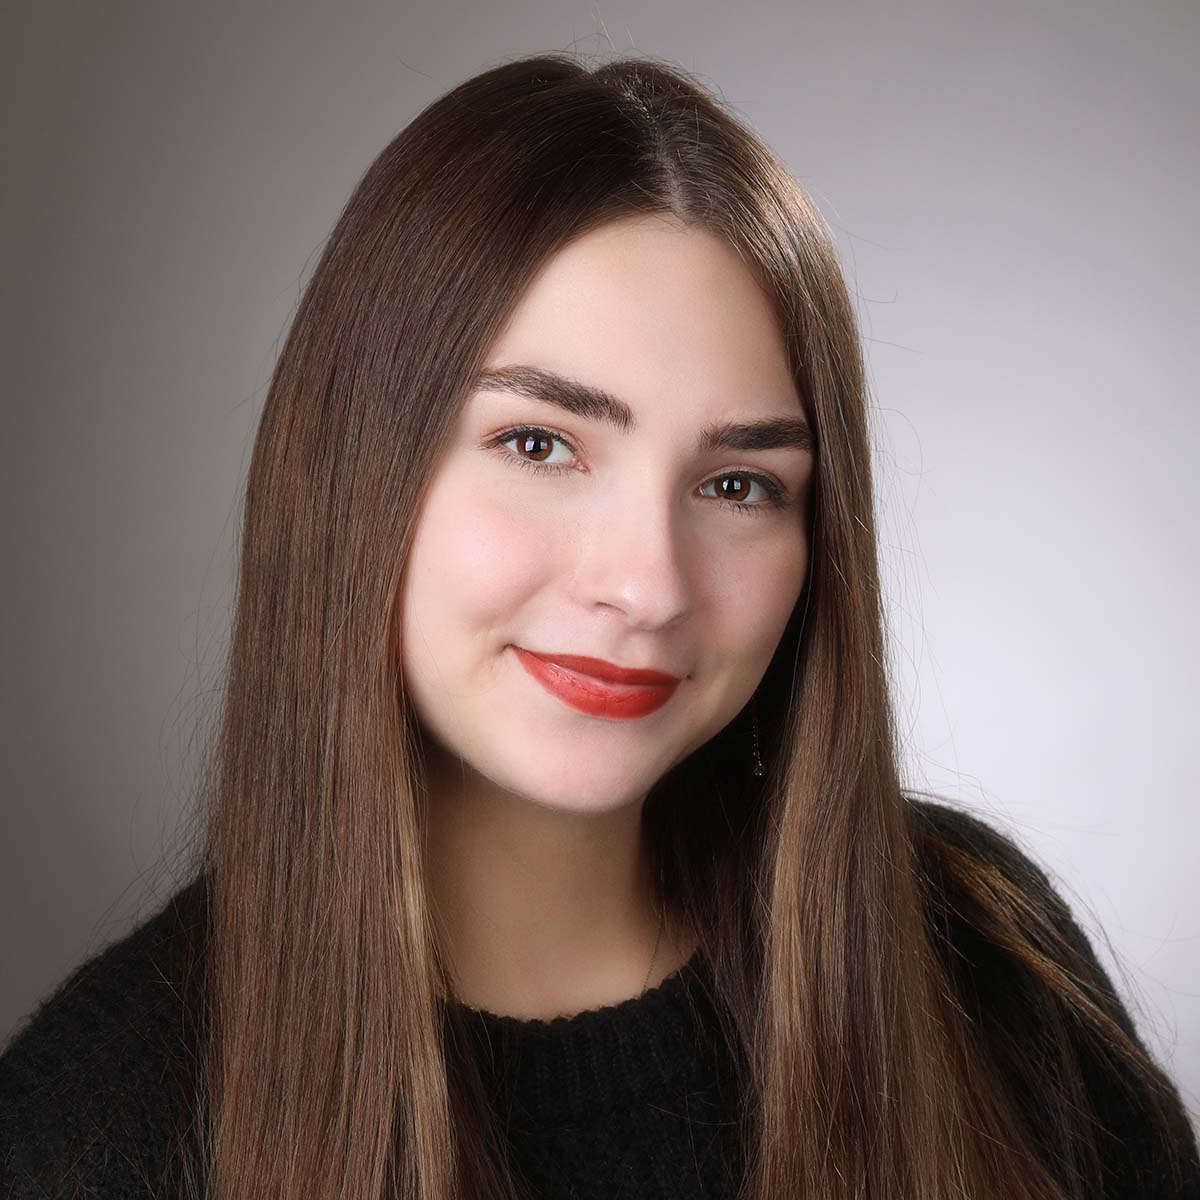 female acting portfolio headshot